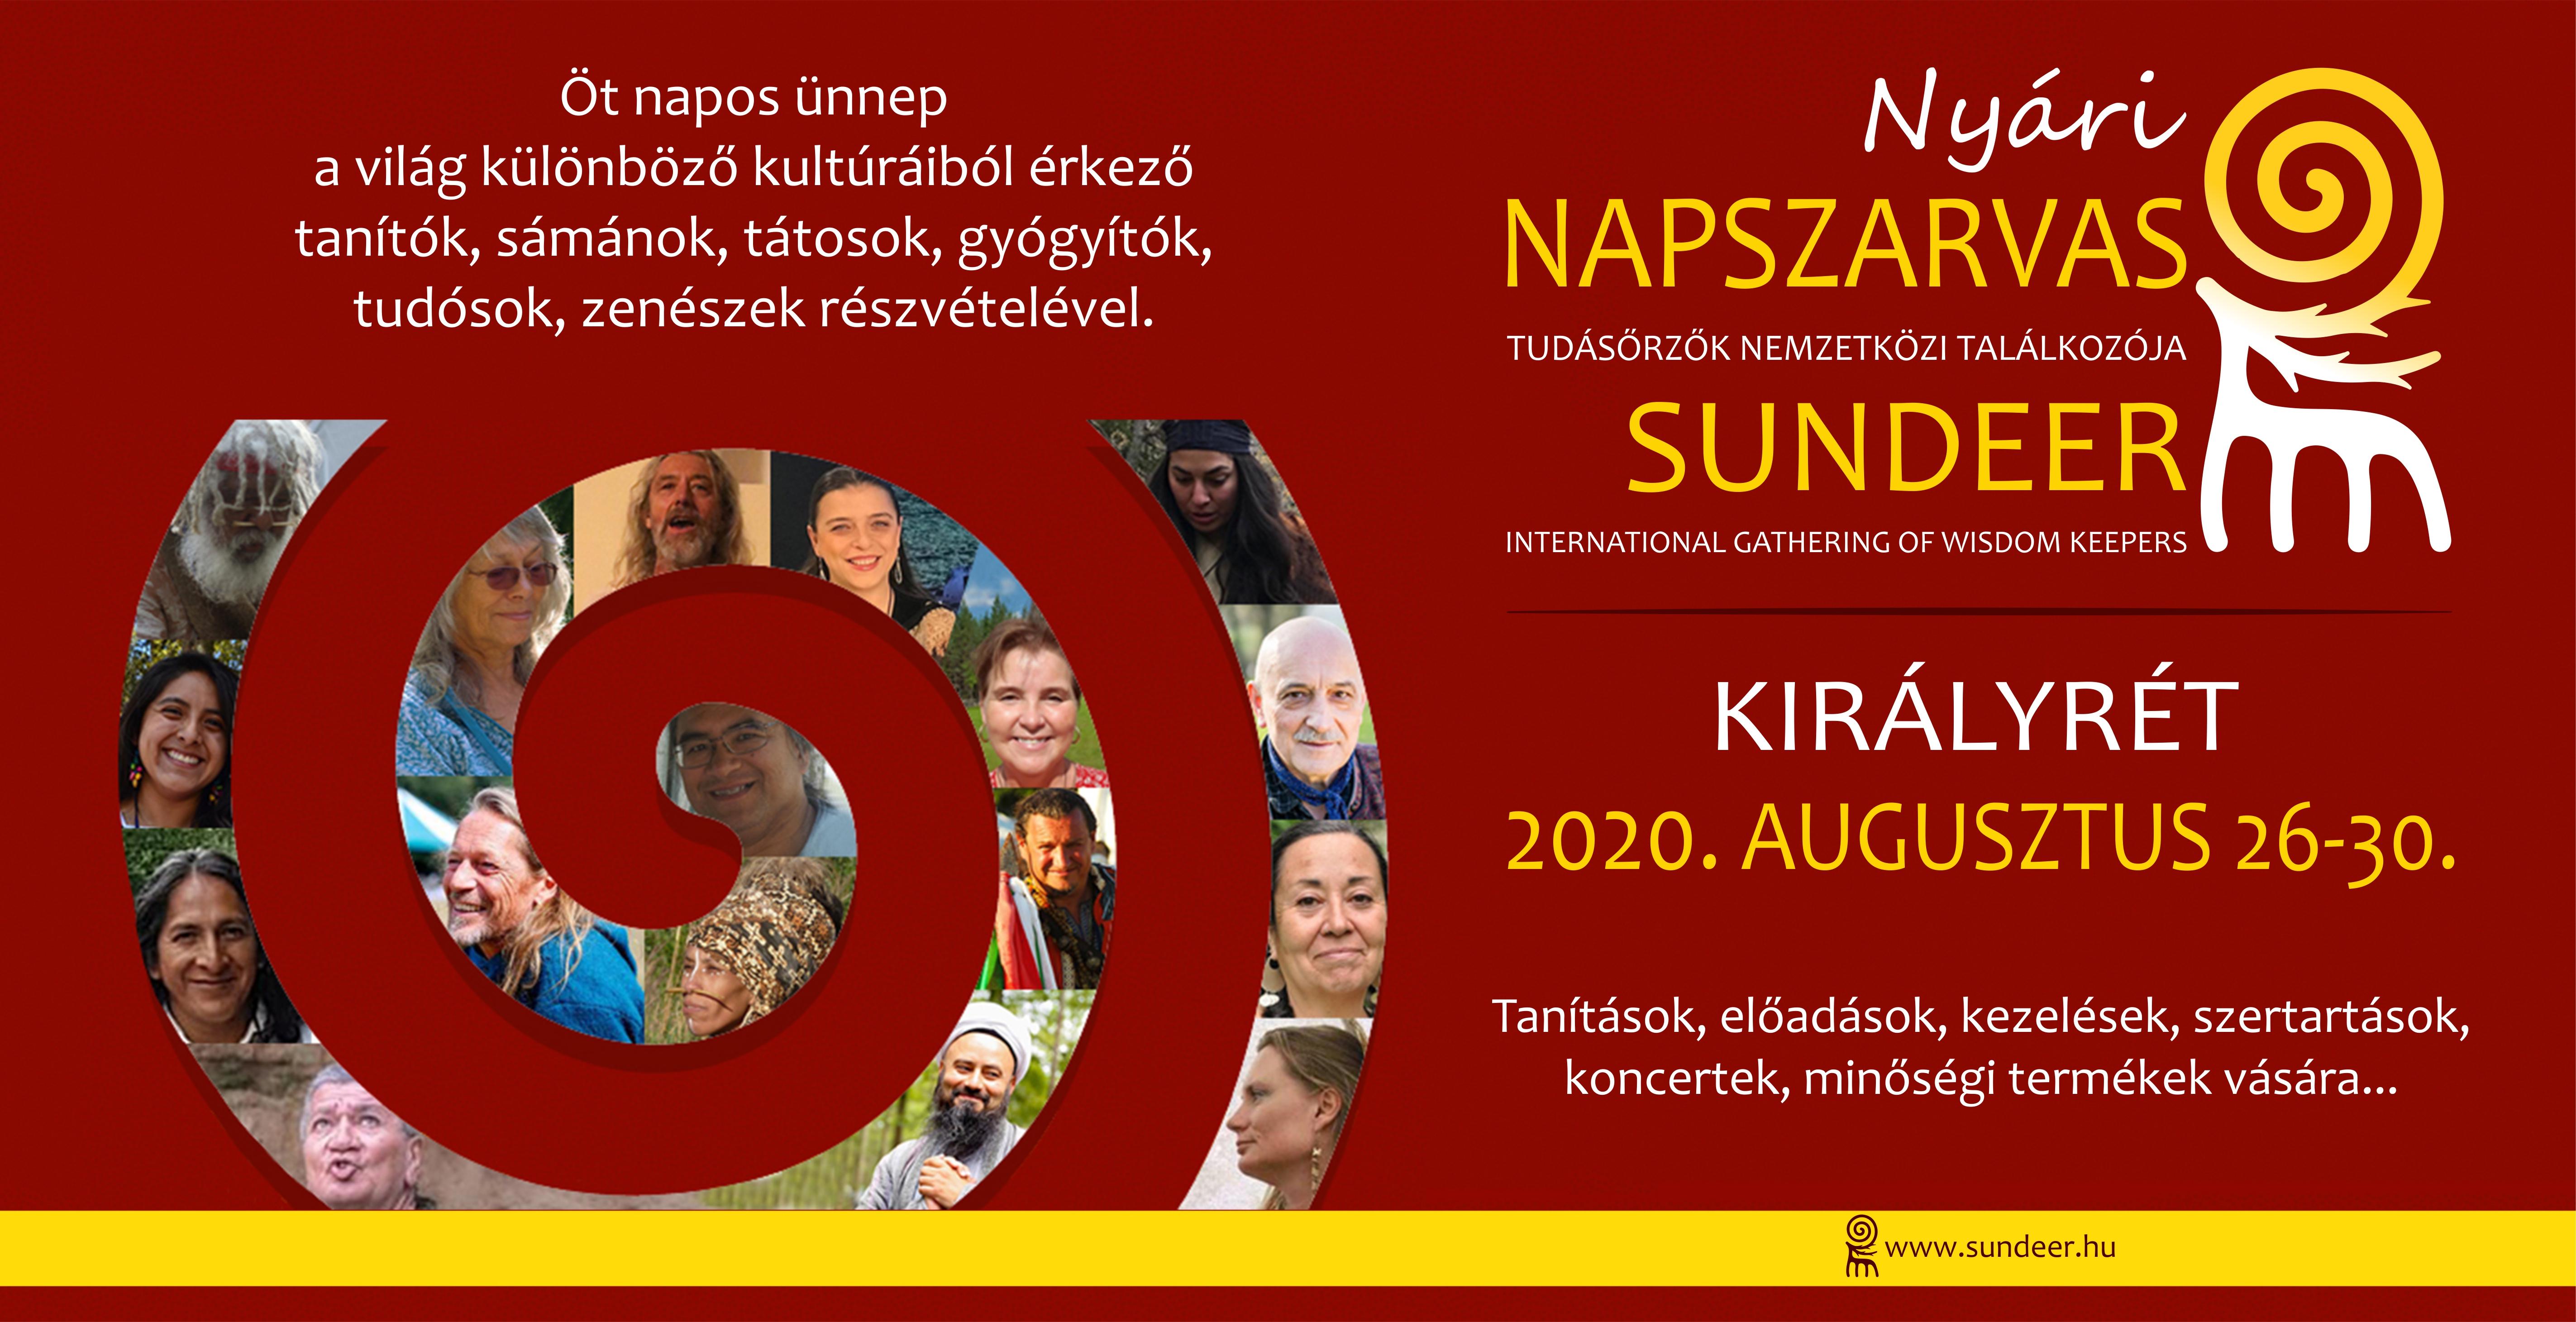 NAPSZARVAS - SUNDEER